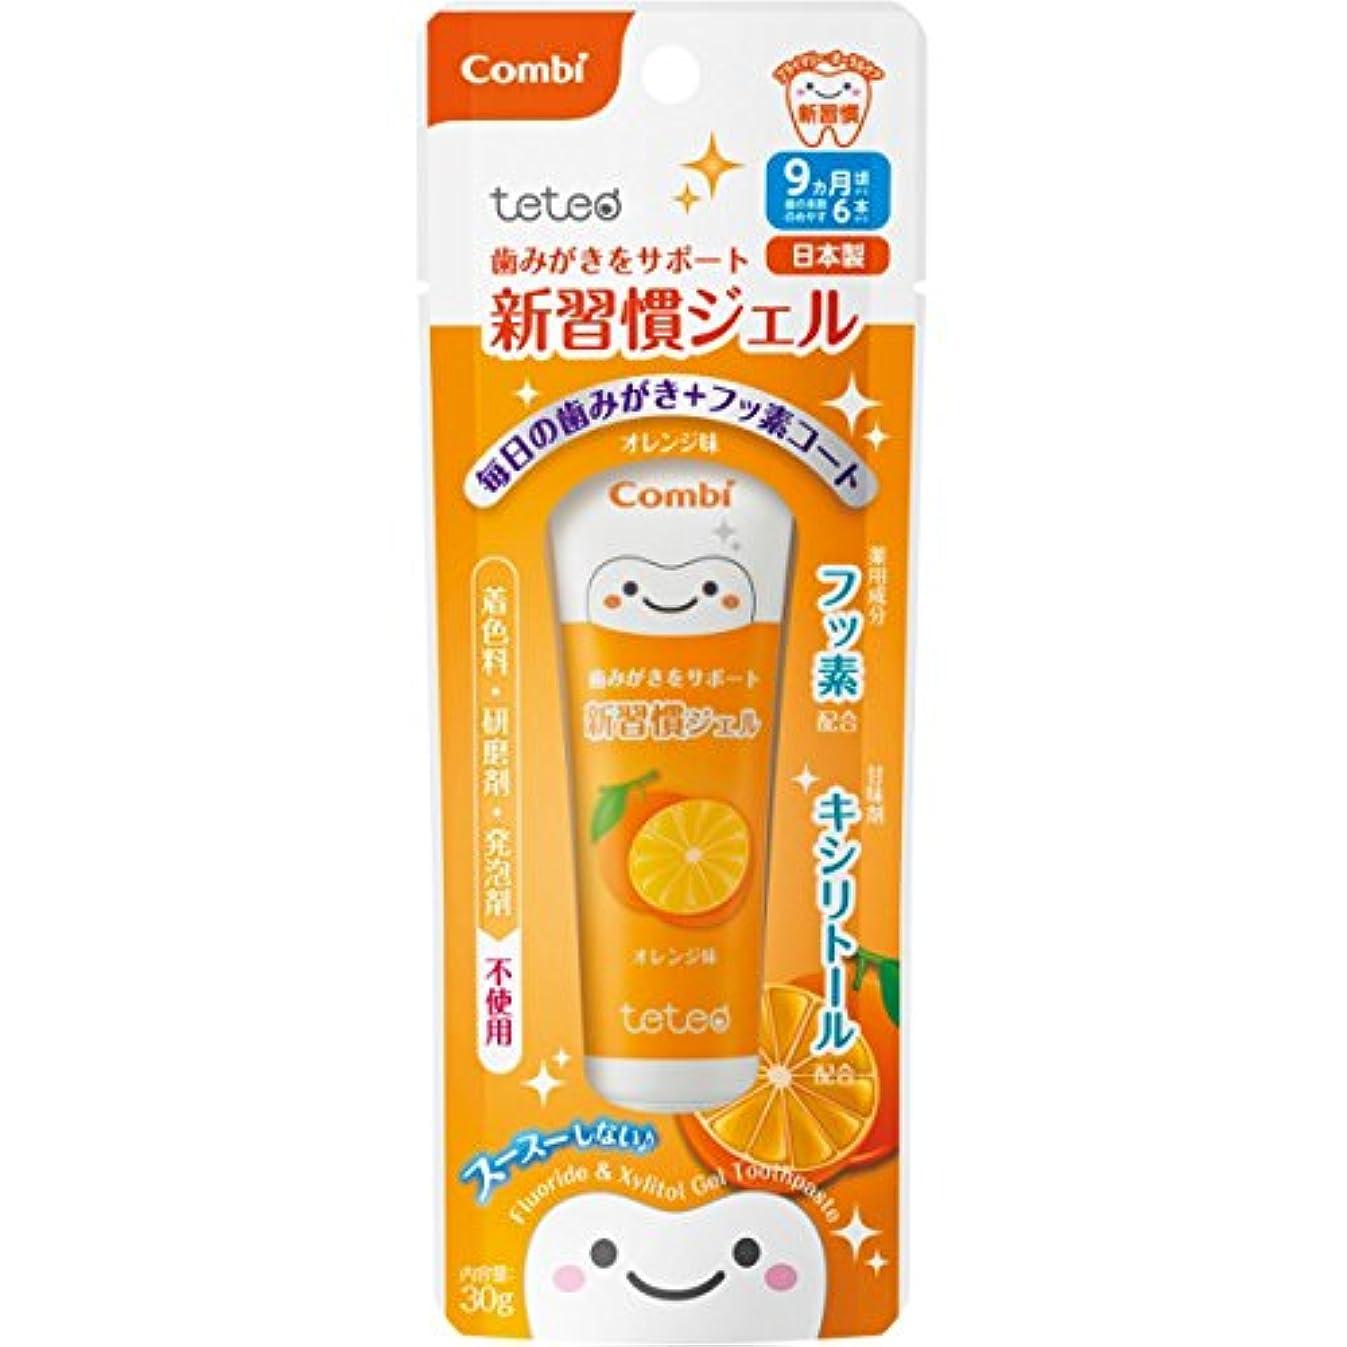 カール幻滅する麻痺させる【テテオ】歯みがきサポート 新習慣ジェル オレンジ味 30g×3個